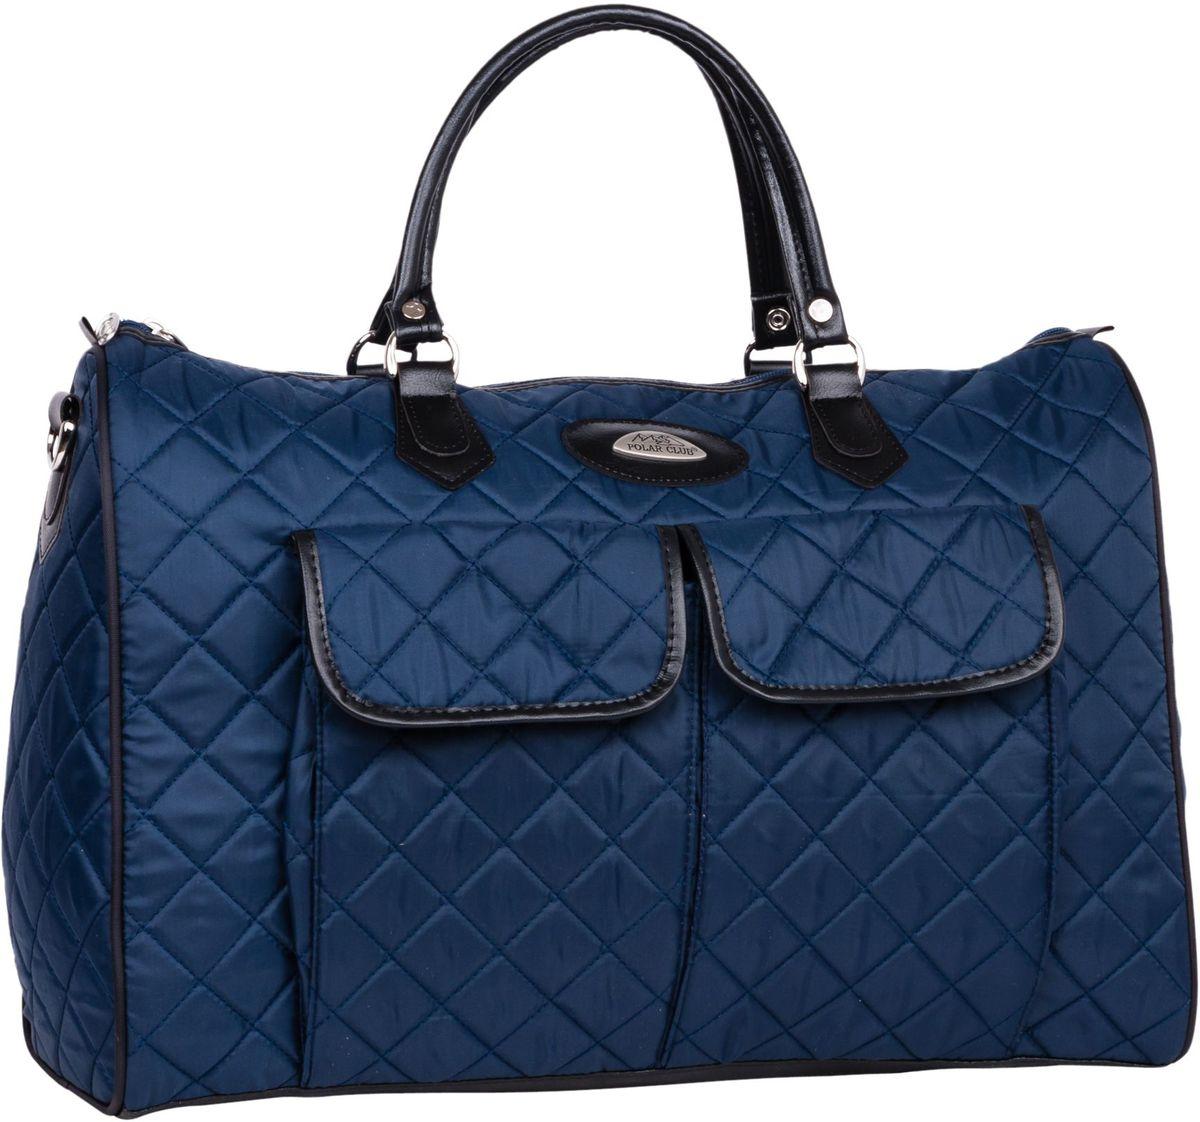 Сумка дорожная Polar Инесса, цвет: синий, 36 л. П7081П7081Вместительная дорожная сумка Polar Инесса выполнена из полиэстера с водоотталкивающей пропиткой. Внутри дополнительный карман для документов. Снаружи - три кармана (на внешней и внутренней стороне сумки) для мелких предметов. Ручки выполнены из высокопрочного кожзаменителя. В комплект входит съемный плечевой ремень.